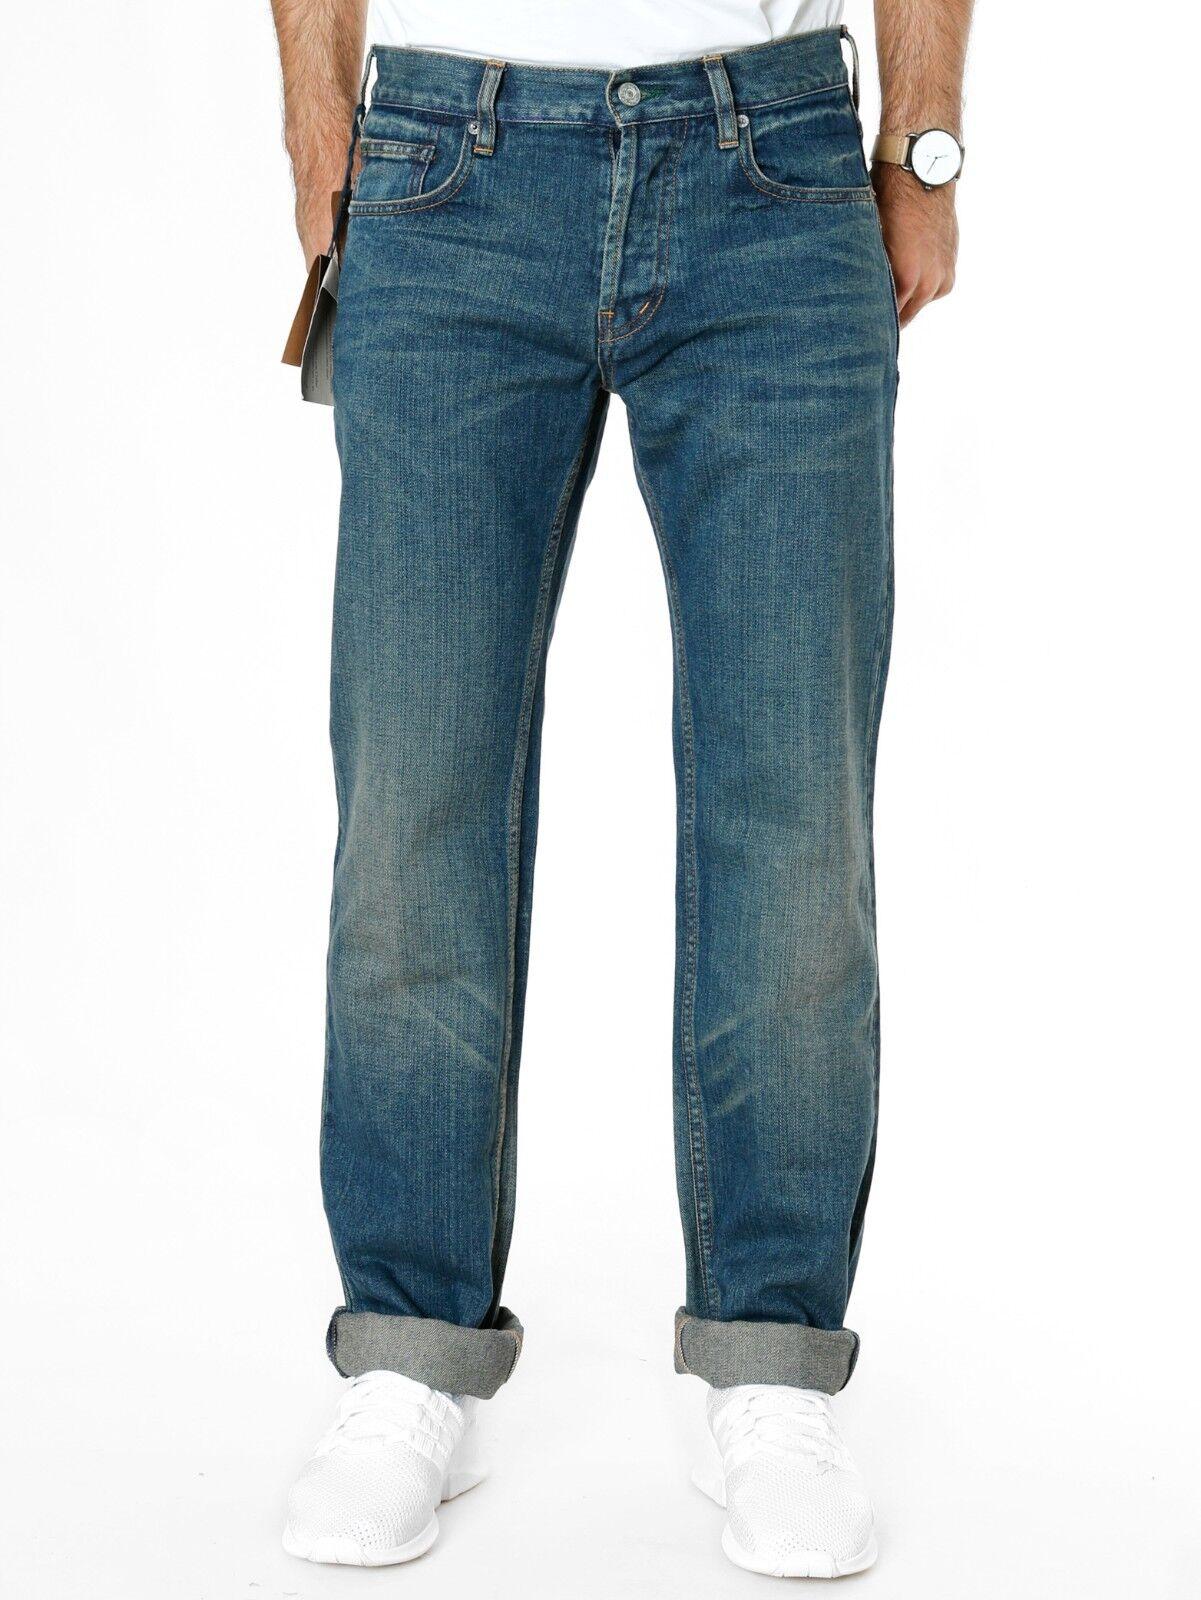 Paul Smith - Herren Jeans Hose - - - Regular Straight Fit - Dunkelblau - W28-W30 | Lebensecht  | Sale  | Online Outlet Store  | Schön und charmant  | Vollständige Spezifikation  e88966